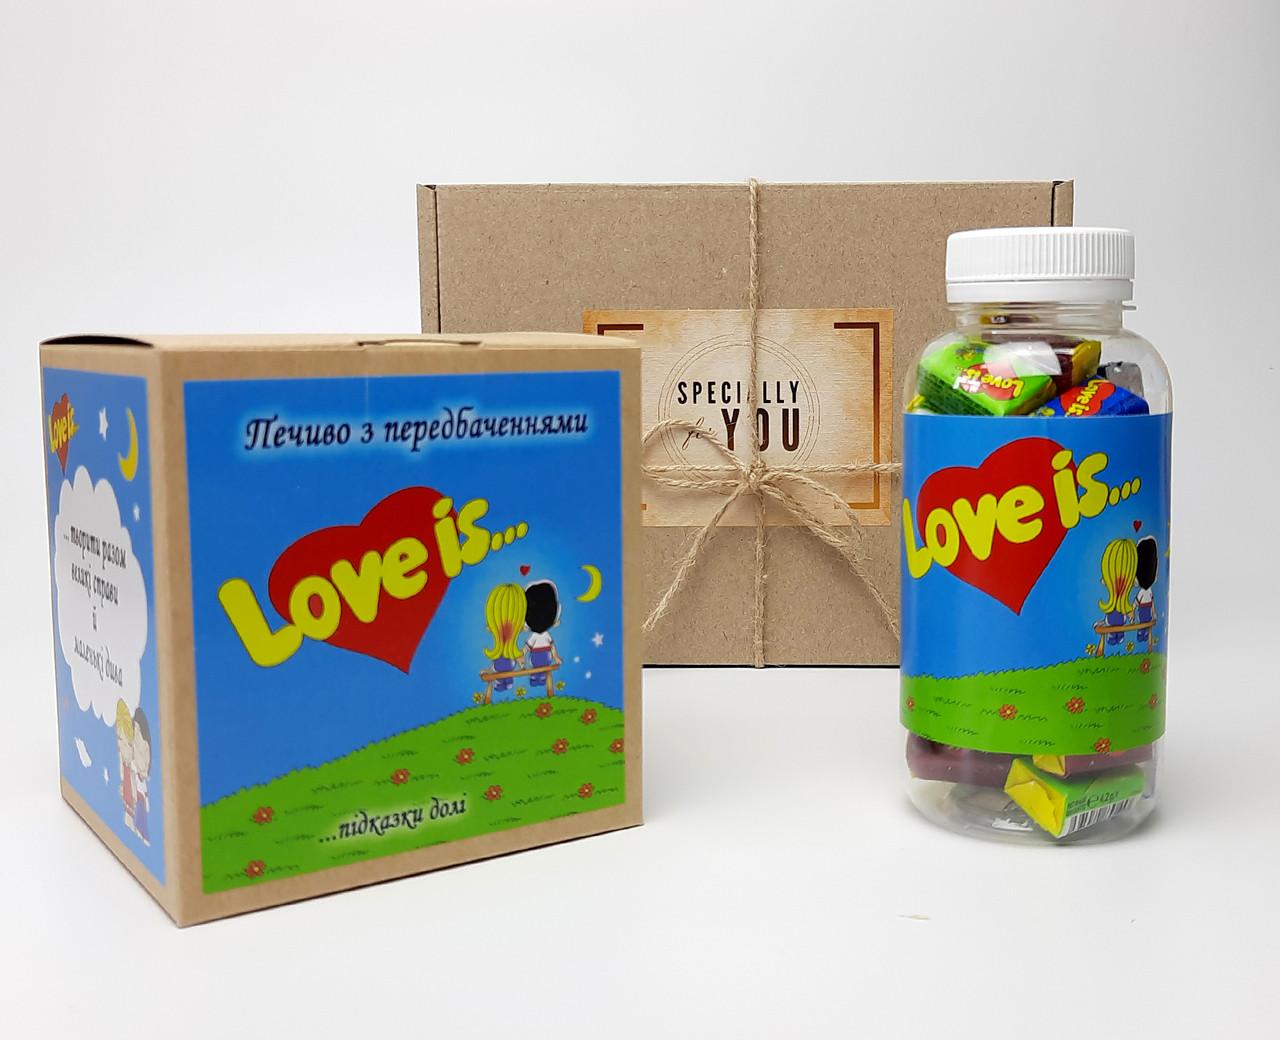 """Набор для влюбленных """"Любовь всерьез"""": жвачки """"Лав из"""" в баночке, упаковка печений с предсказаниями """"Love is"""""""